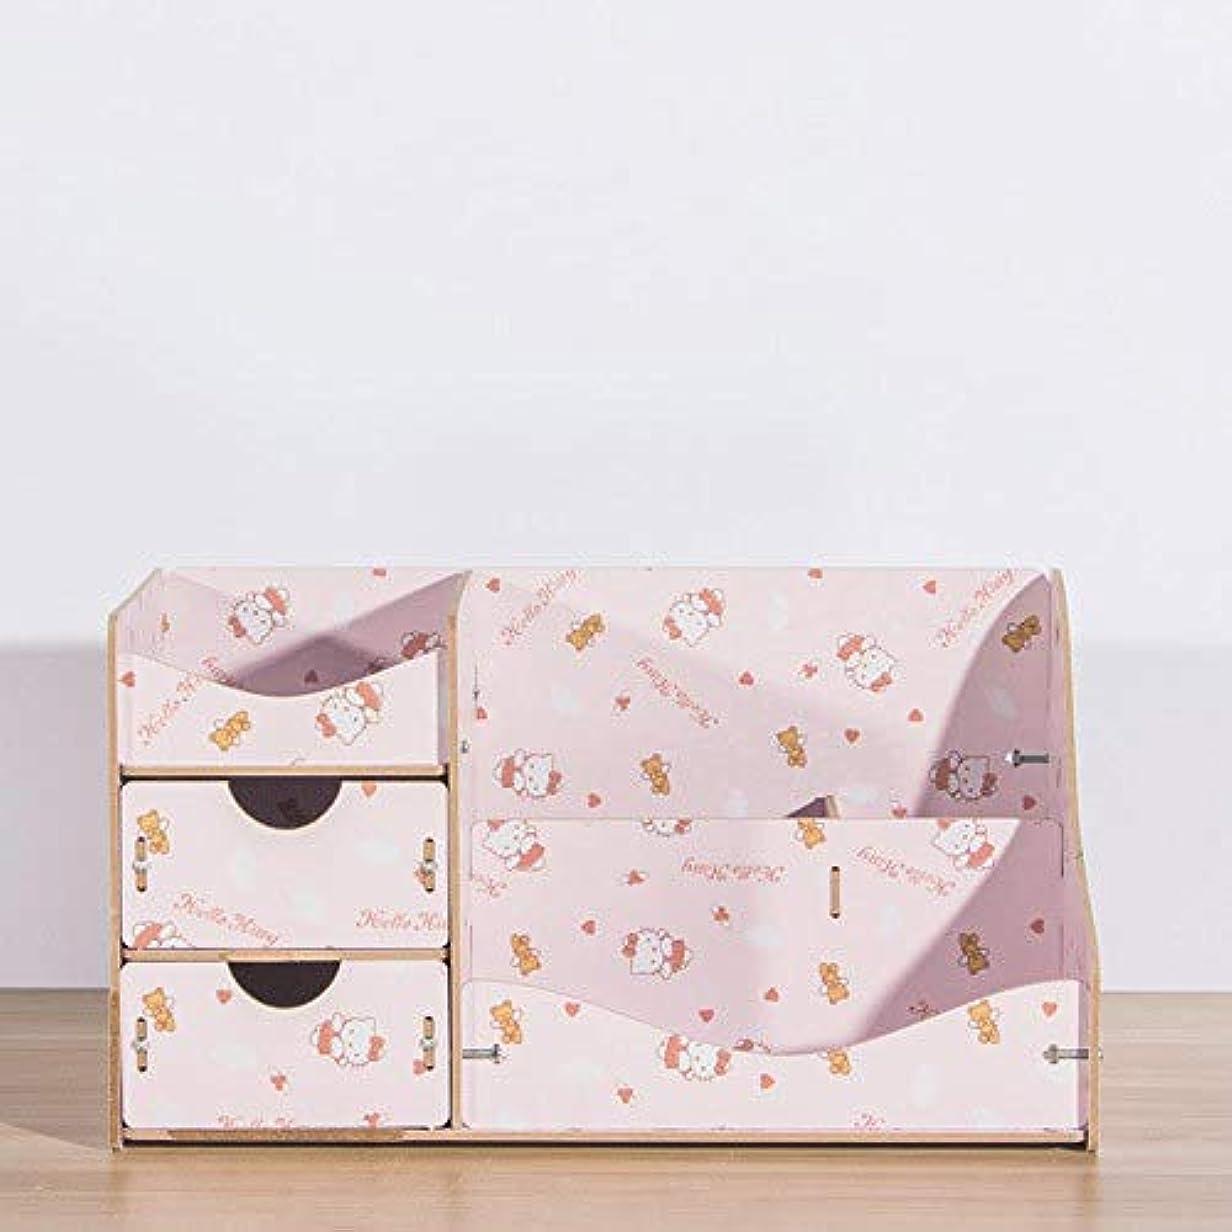 ページ清めるメイエラ創意的な家庭用品木家居用品木製デスクトップ化粧品収納ボックス, キティちゃん、32.5*17.5*18